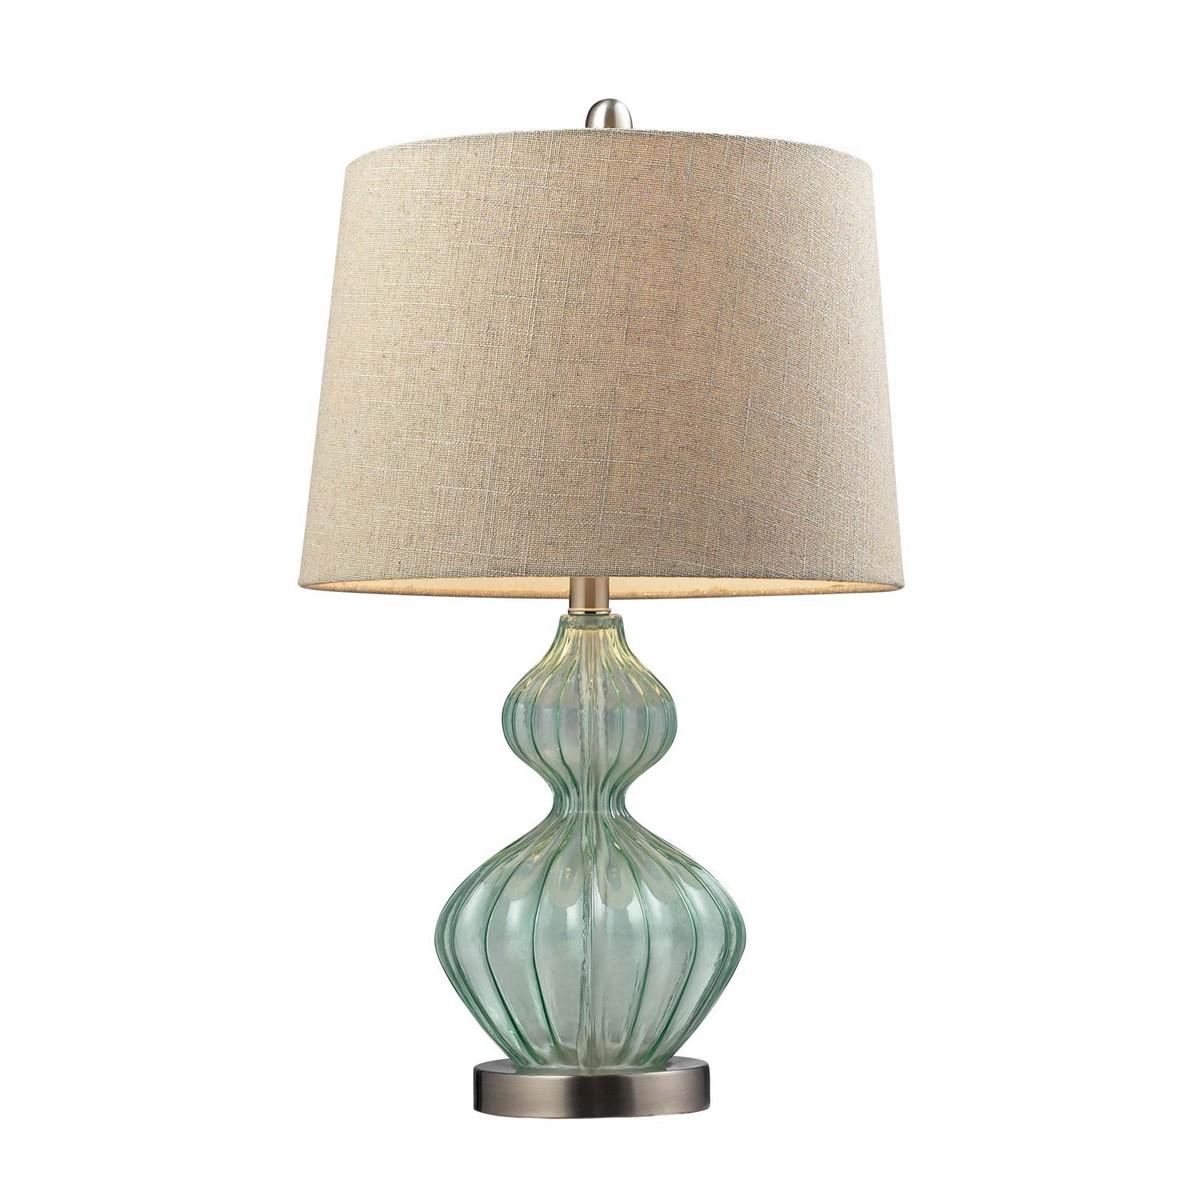 Elk Lighting D141 Table Lamp - Light Green Smoke